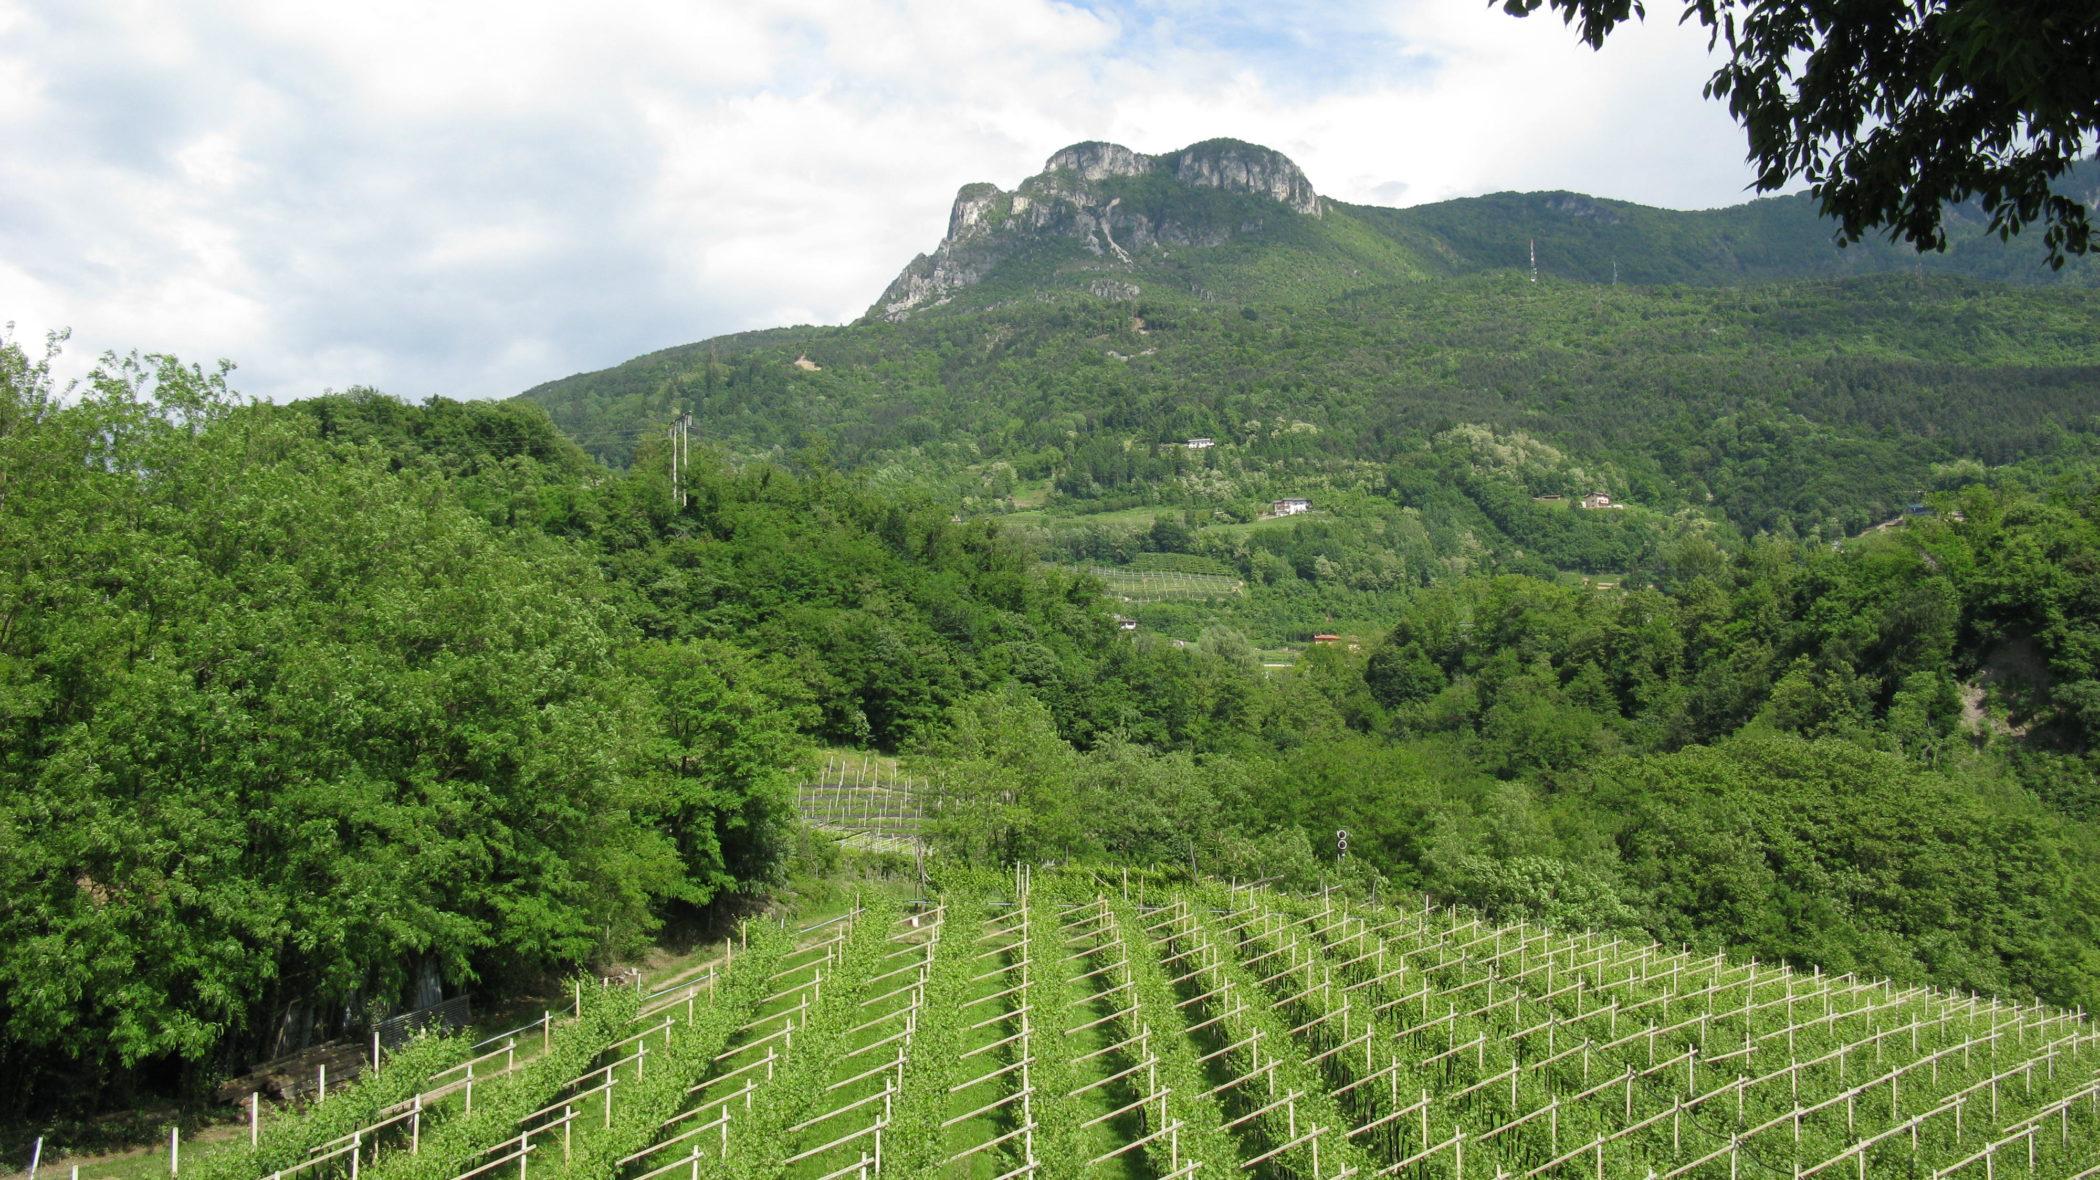 Uso sostenibile dei prodotti fitosanitari: contributo propositivo